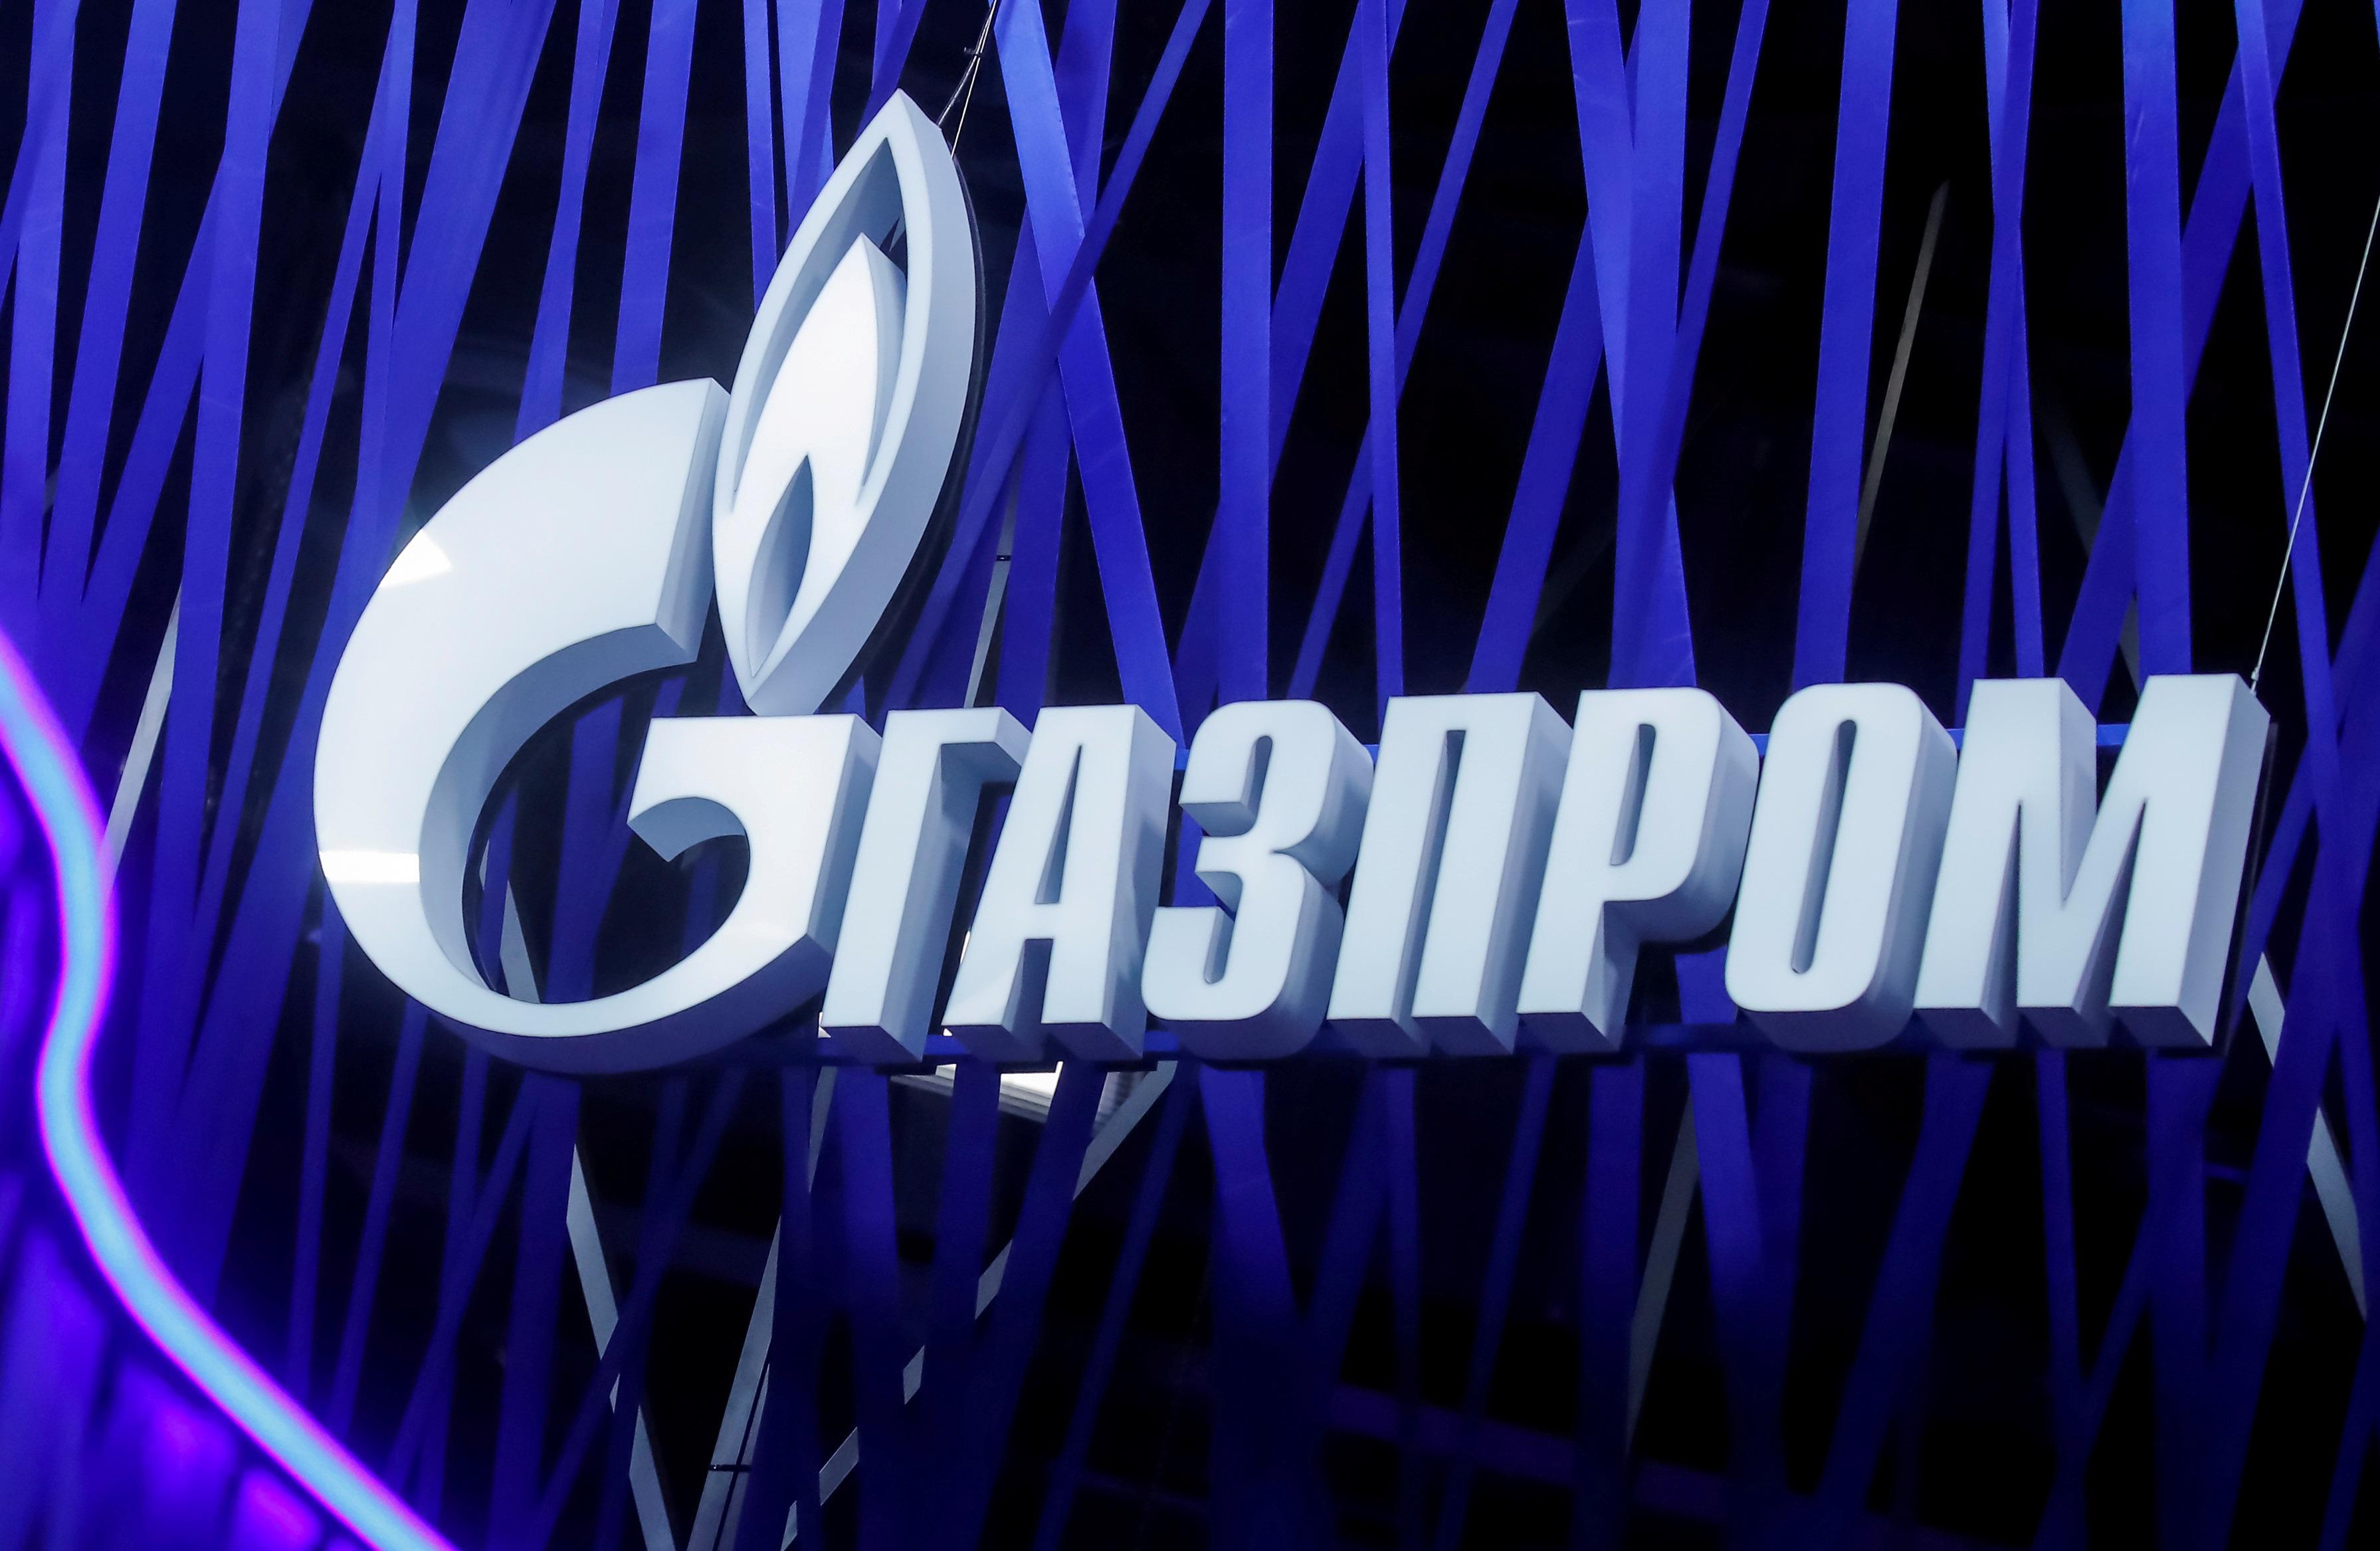 Φυσικό αέριο: Η Gazprom χρησιμοποιεί αποθέματα για να σταθεροποιηθεί η αγορά